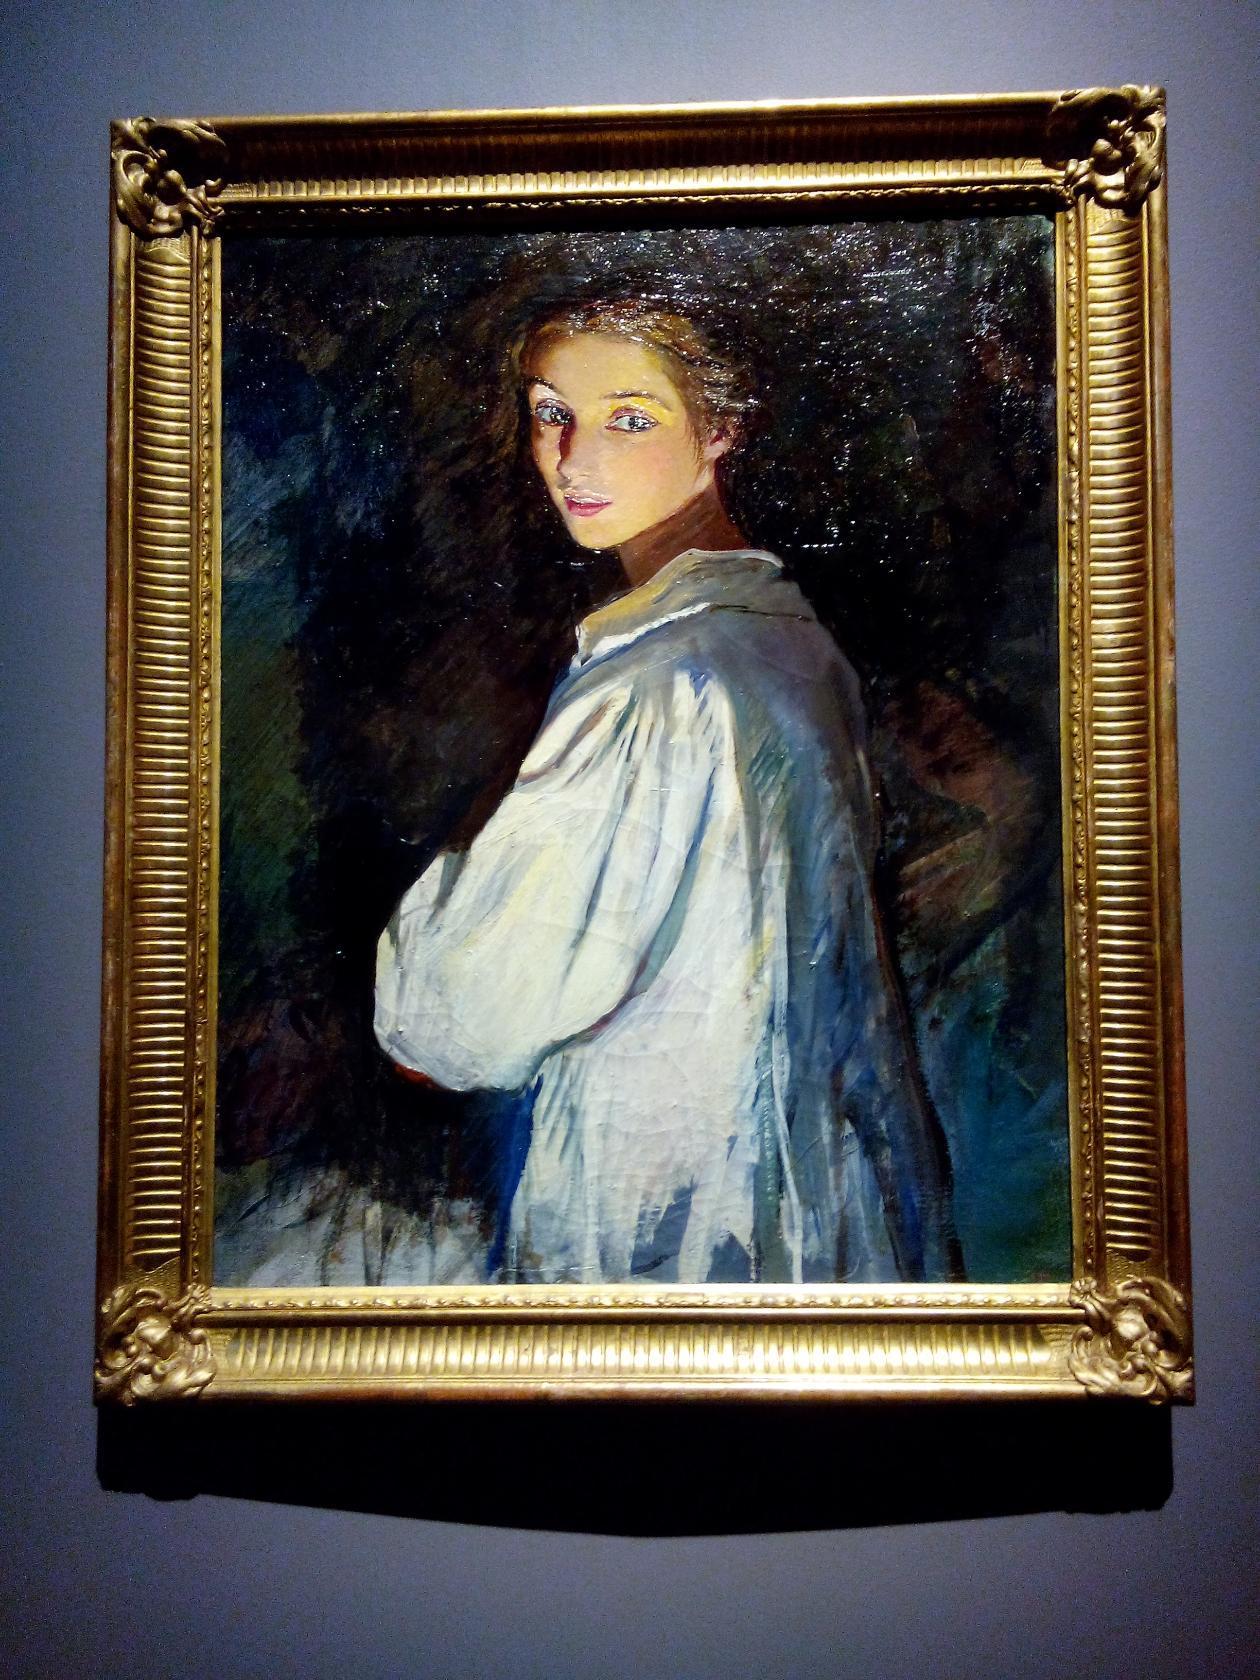 'Девушка со свечей.Автопортрет'Зинаида Серебрякова. Блиц: музейный экспонат